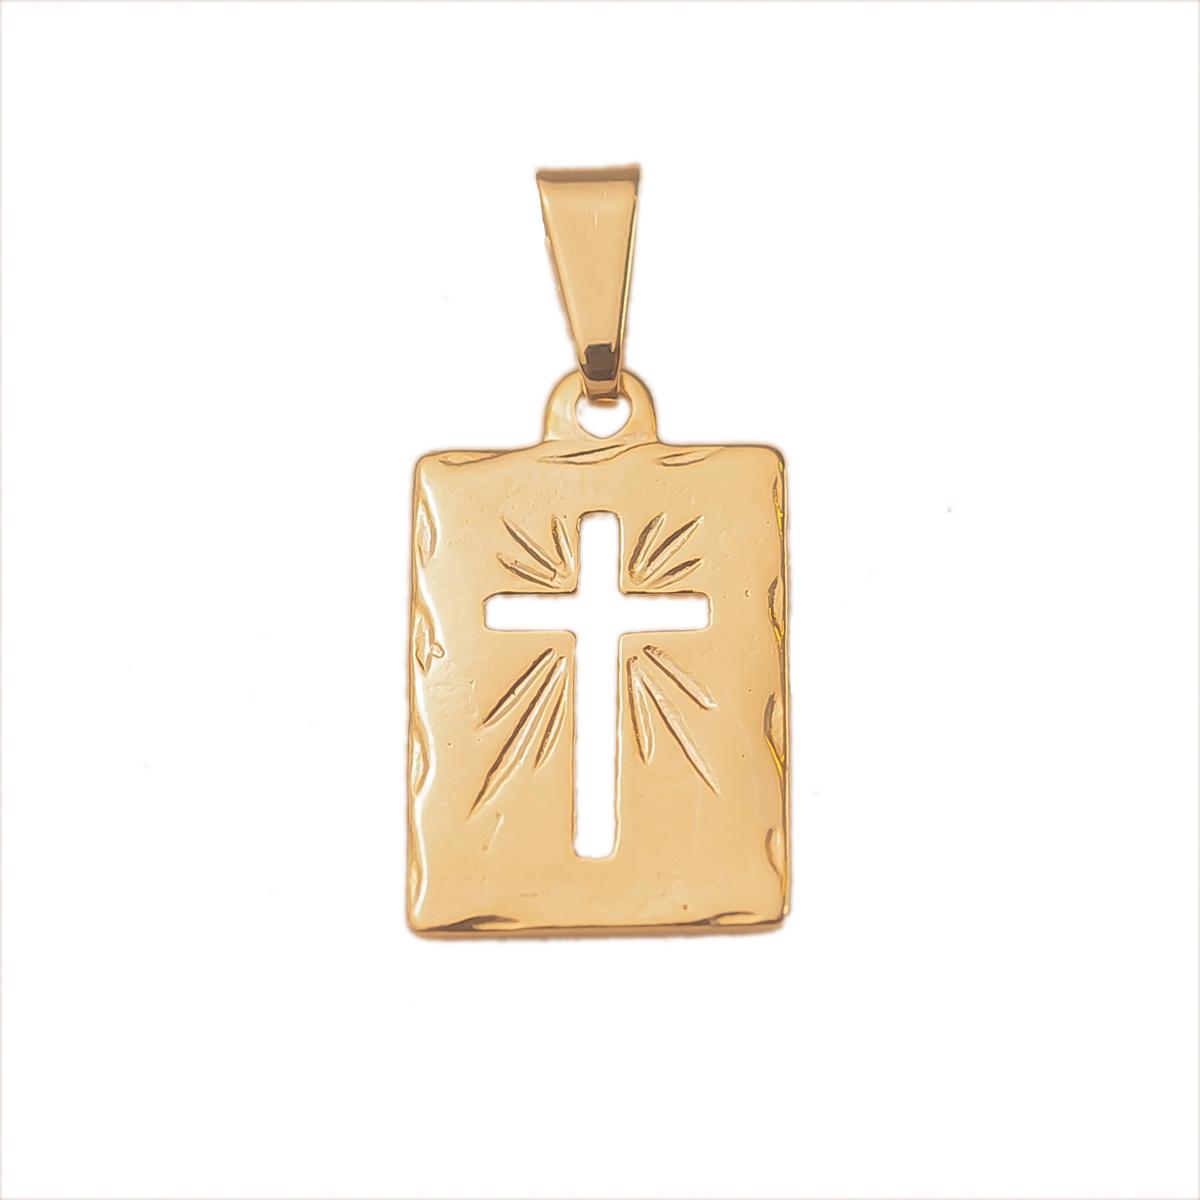 Pingente Placa Com Cruz Vazada Folheado Em Ouro